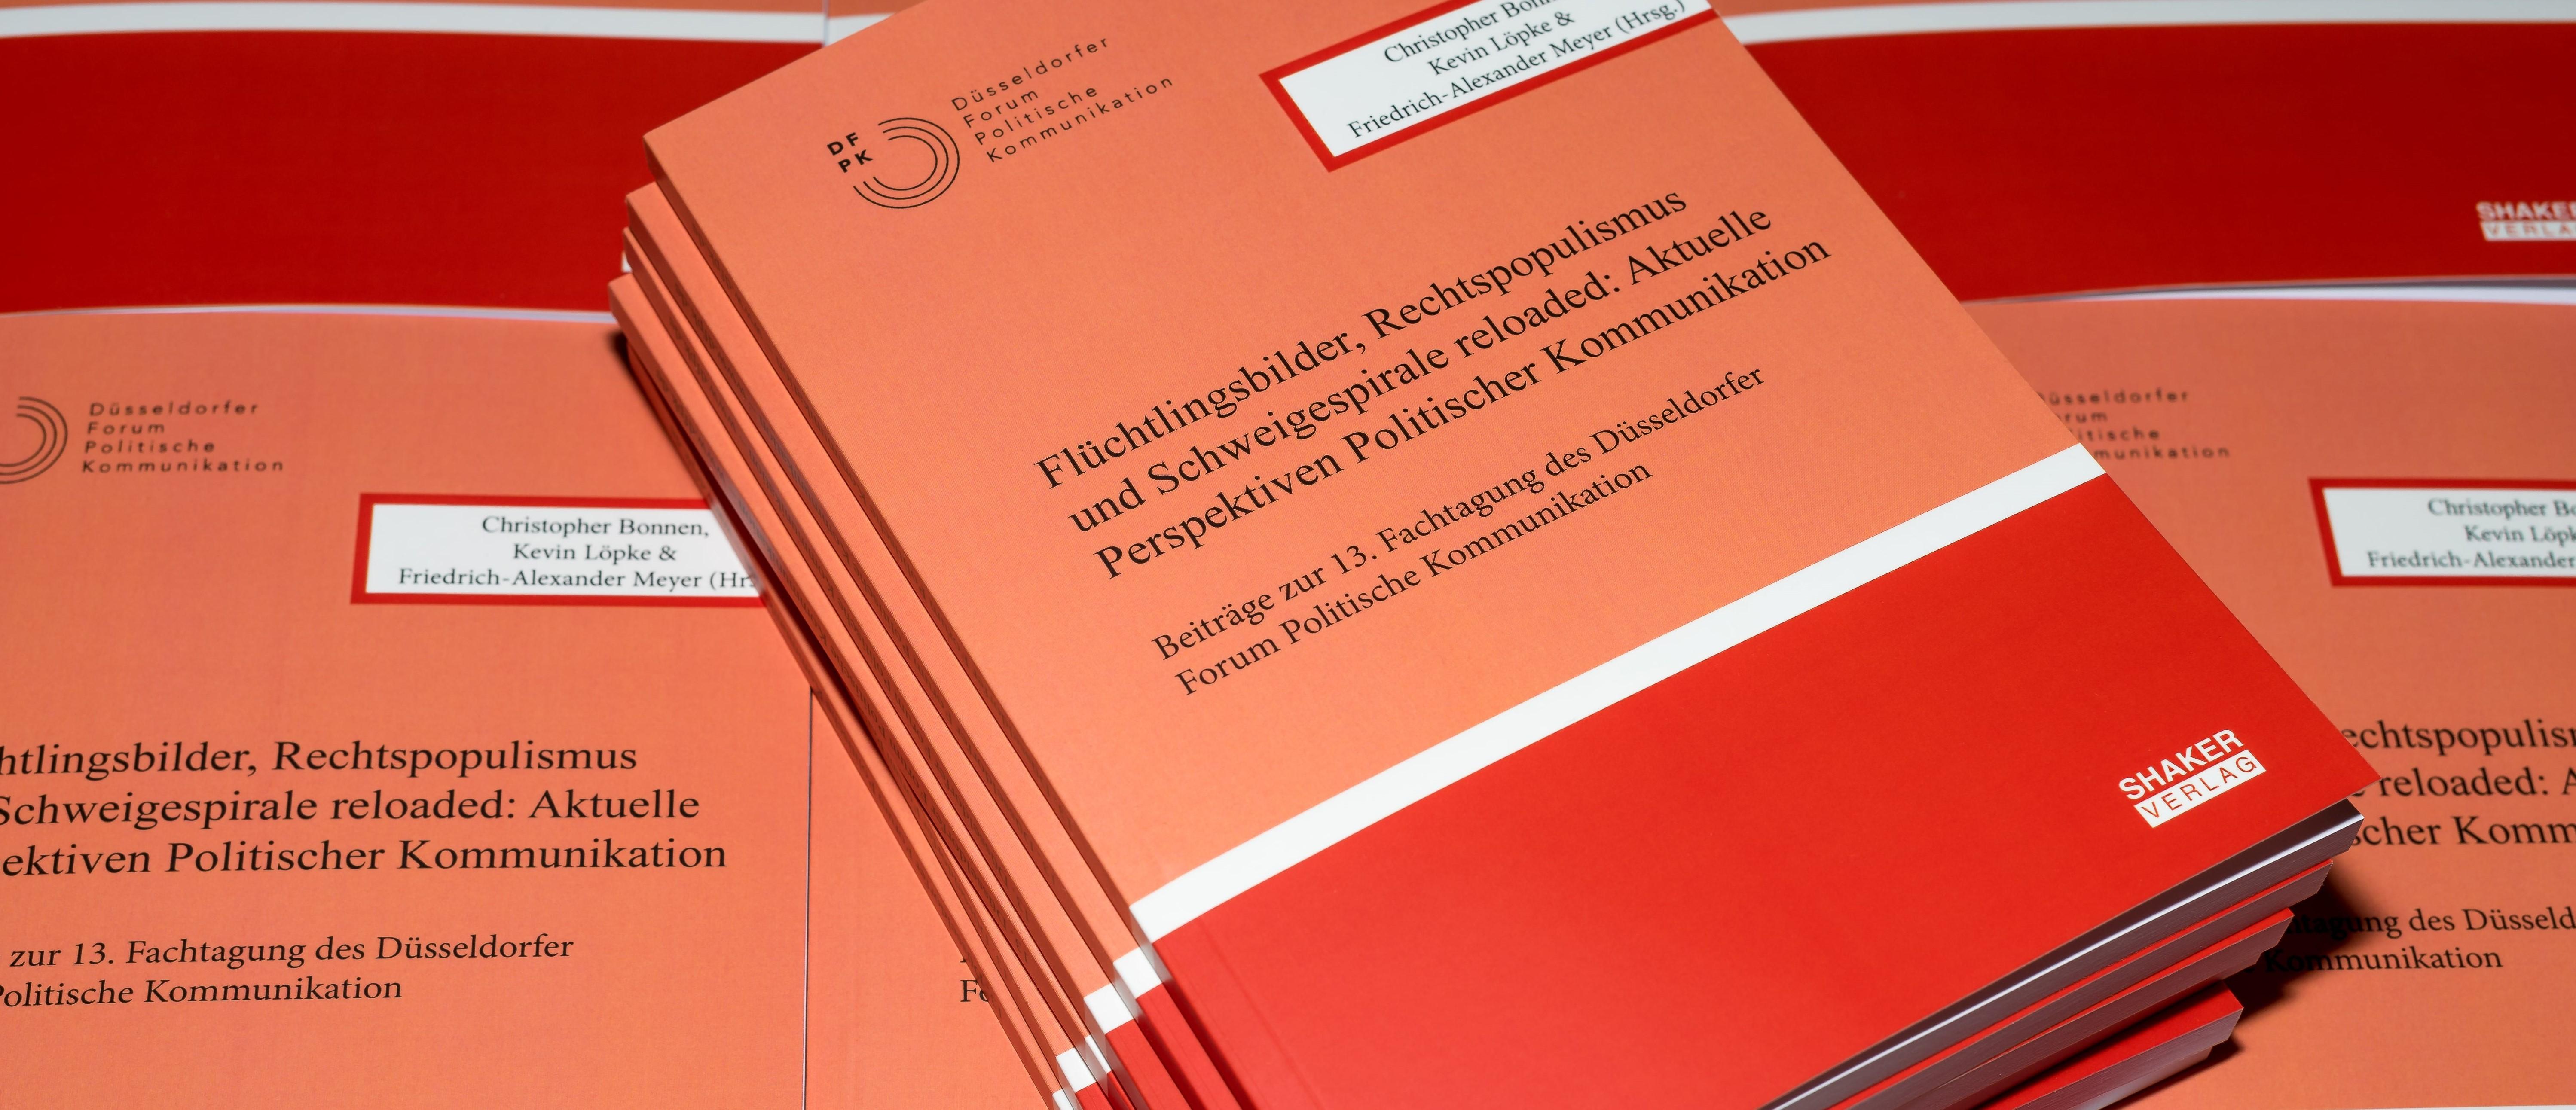 Neu: Tagungsband der DFPK-Fachtagung 2017 ab sofort erhältlich!